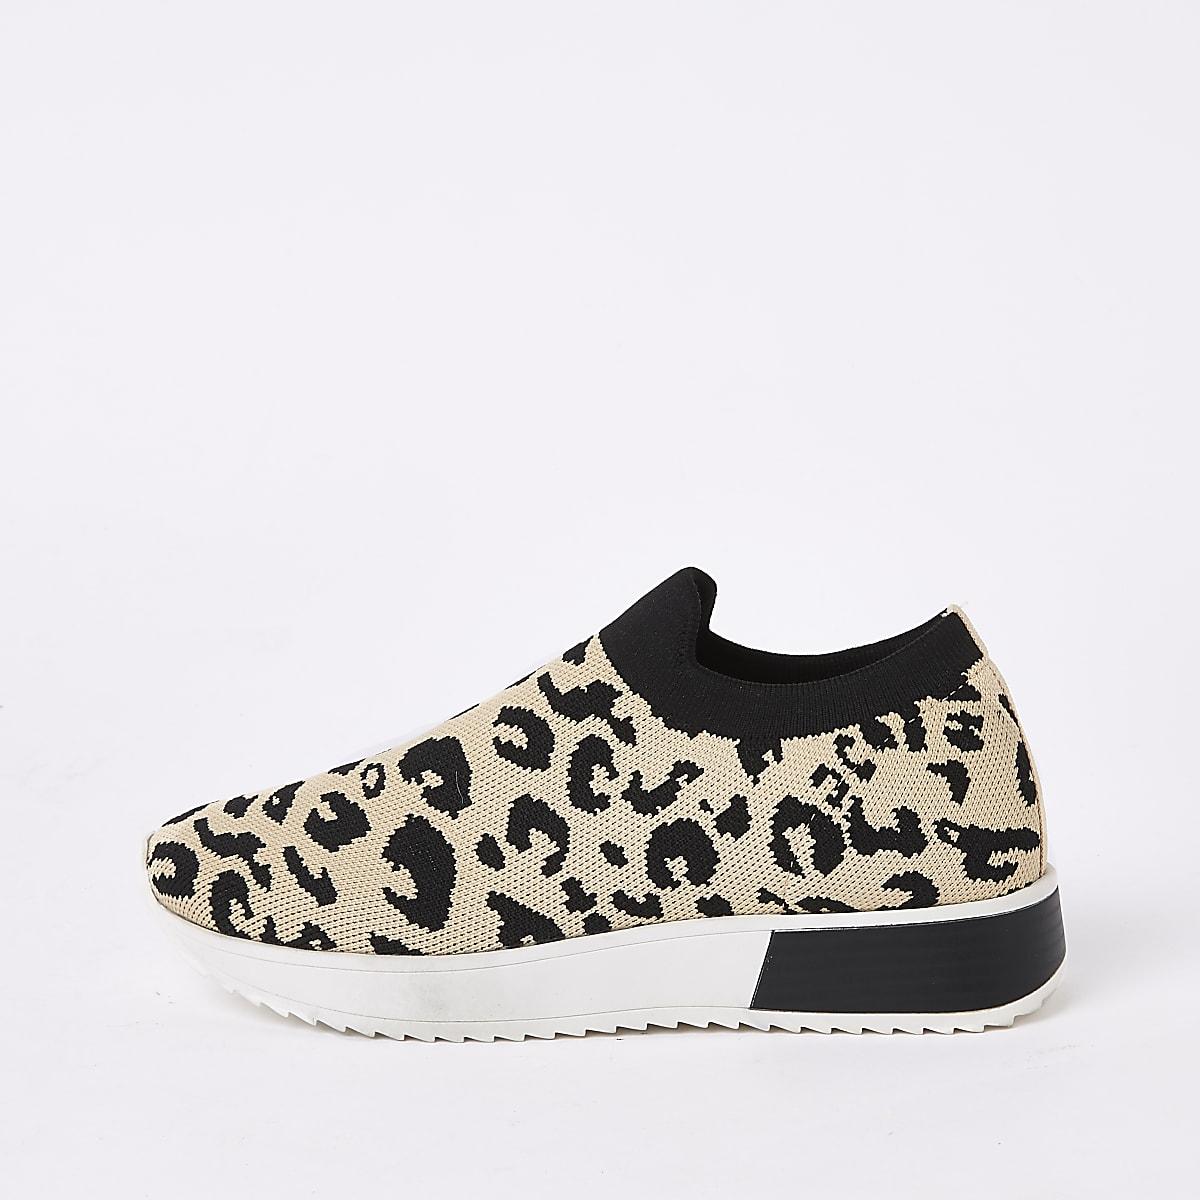 2515f75b38e Bruine gebreide sneakers met luipaardprint Bruine gebreide sneakers met  luipaardprint ...